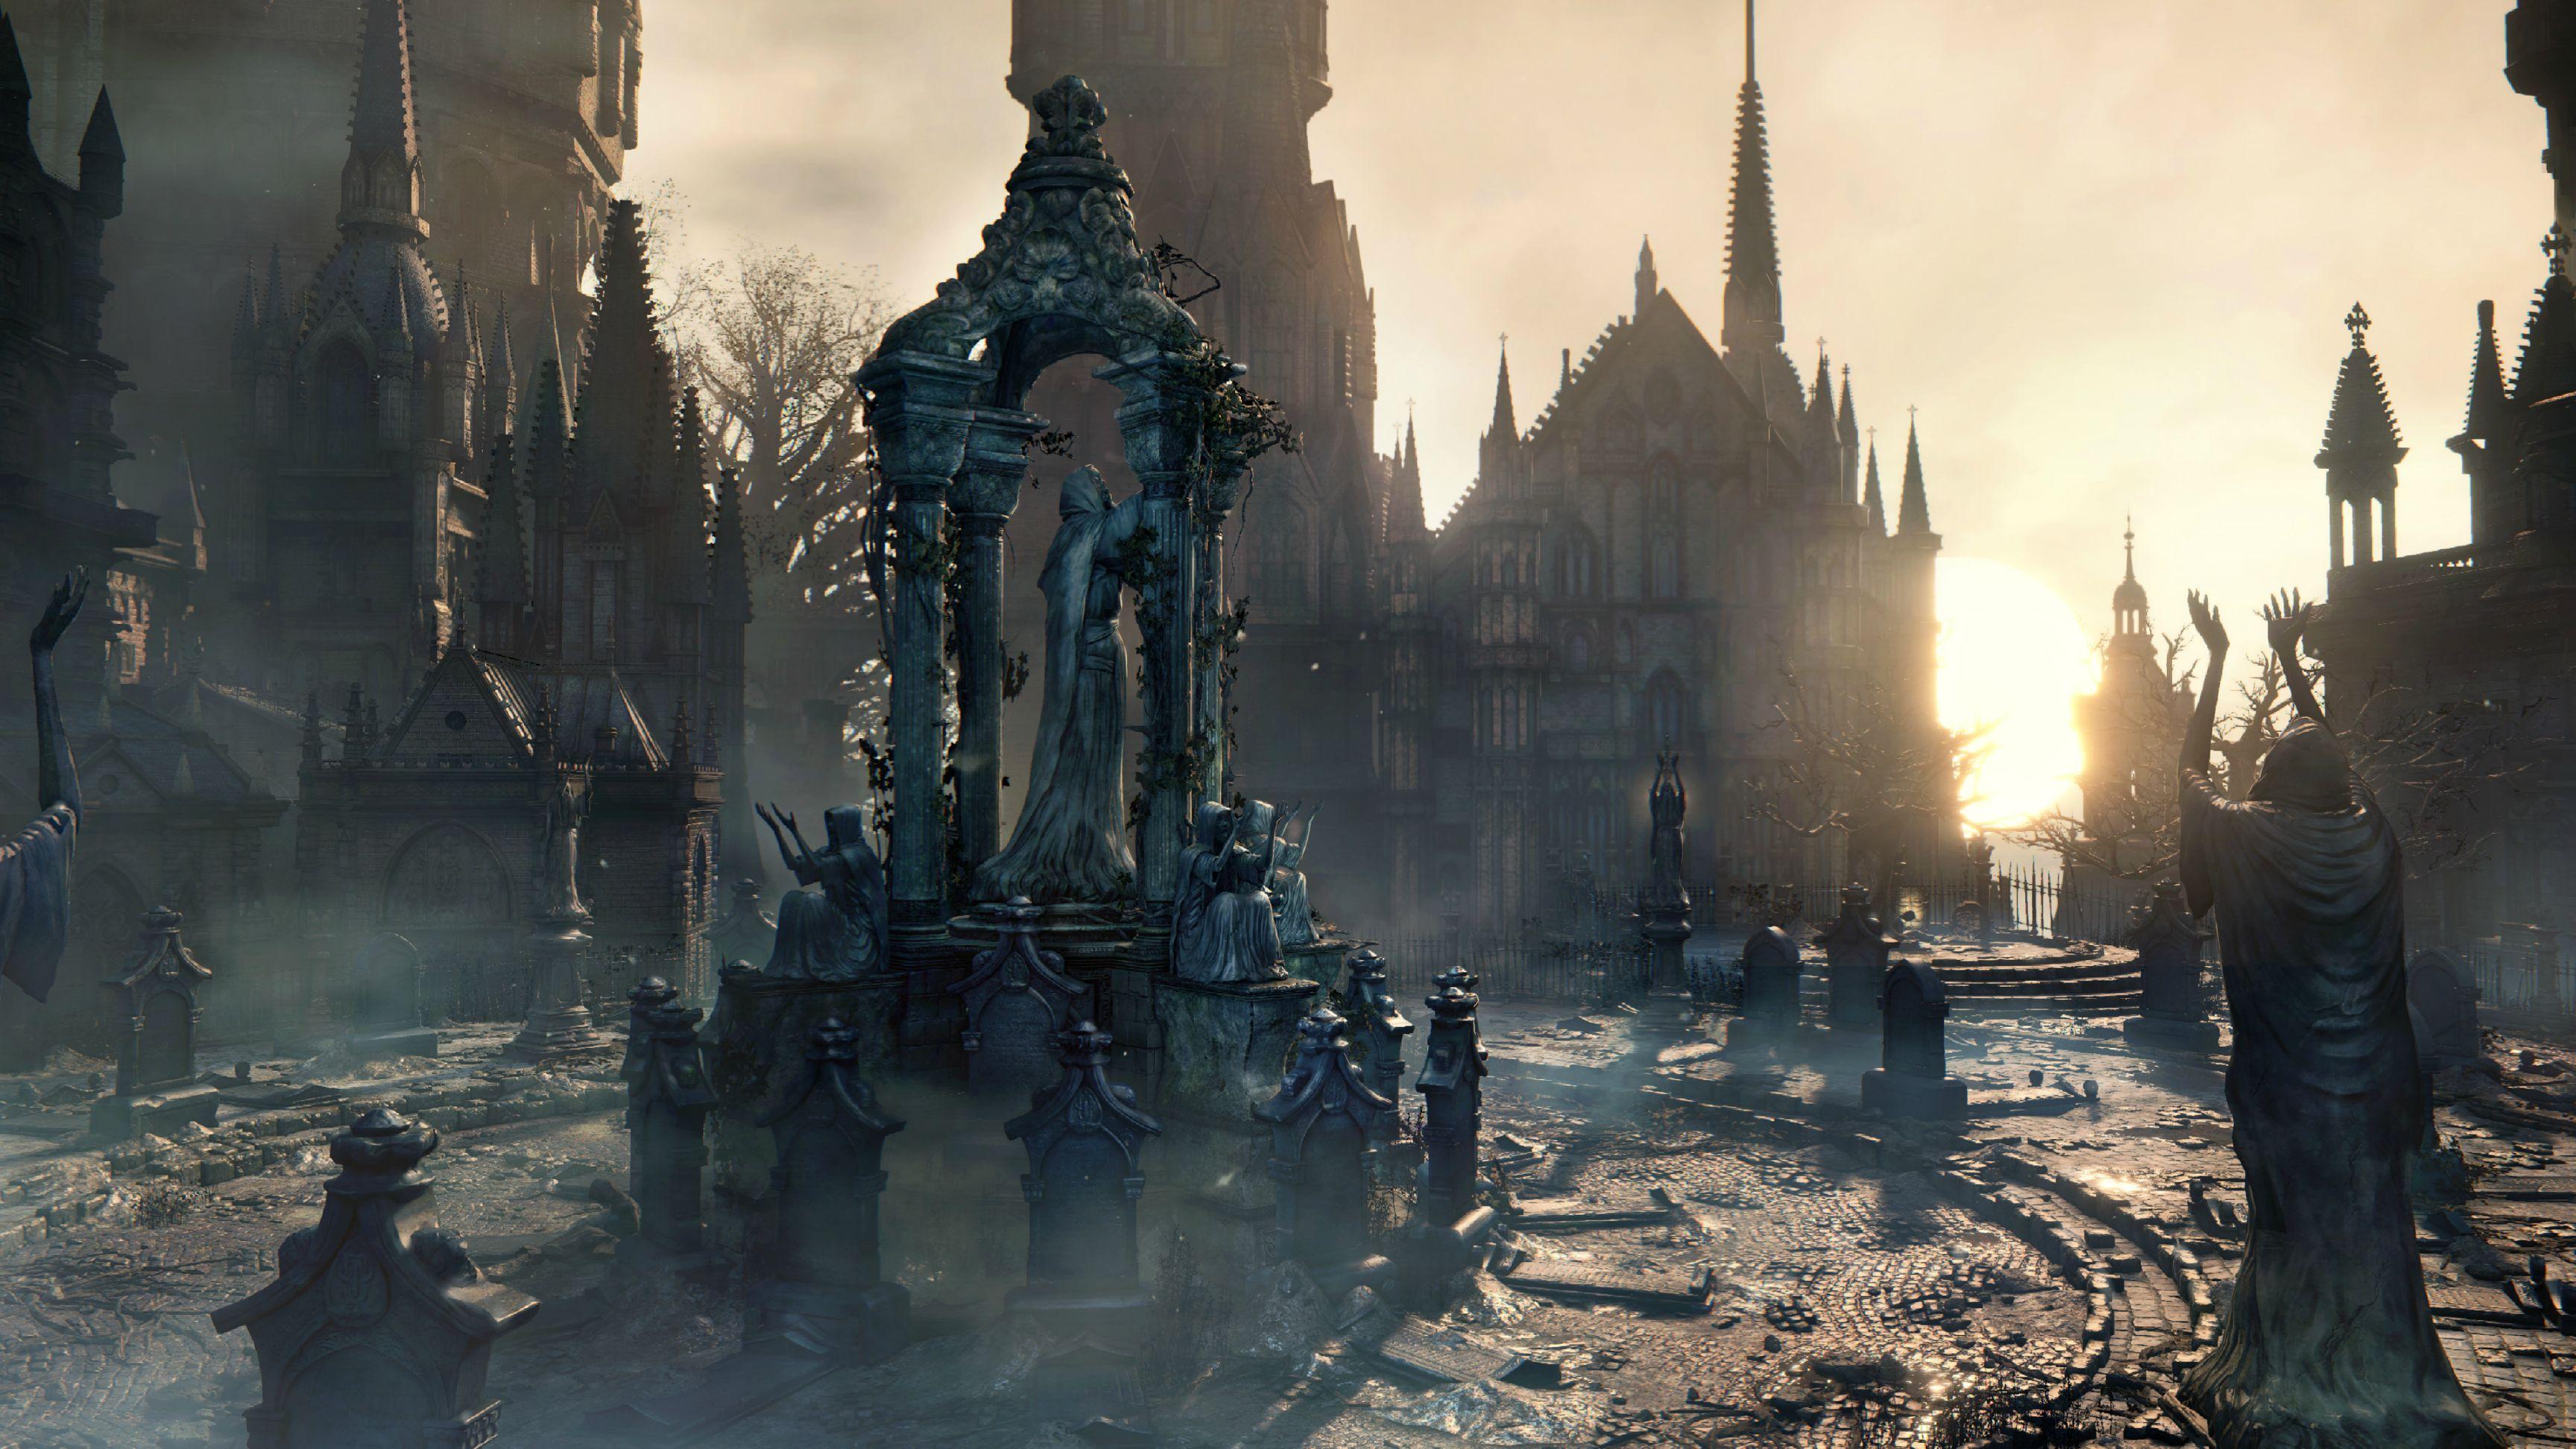 Bloodborne fontaine